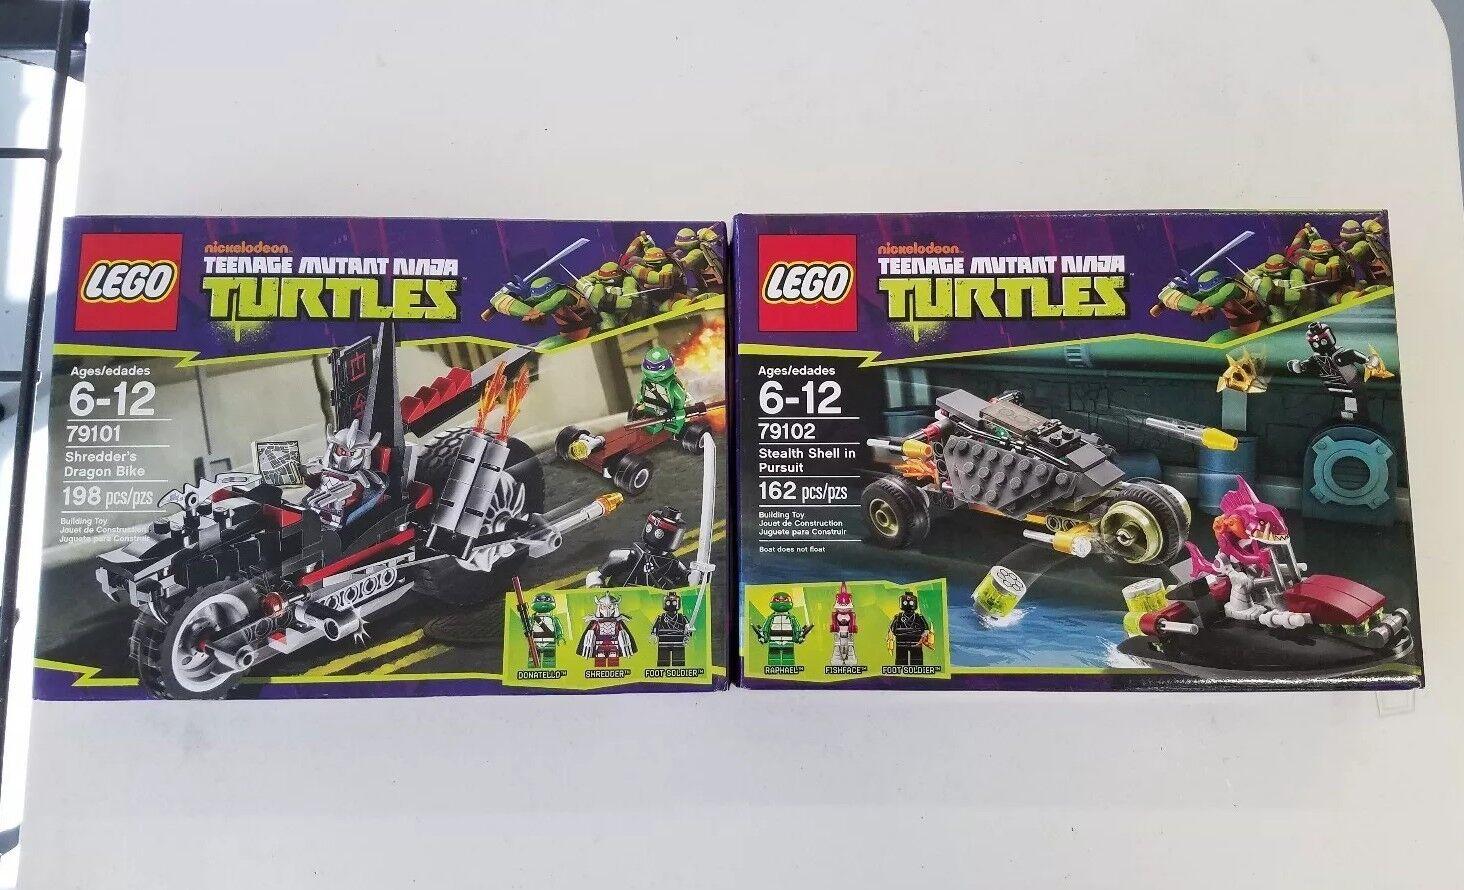 Lego New Teenage Ninja Mutant Ninja Teenage Turtles TMNT 79103and 79102 17fd1c